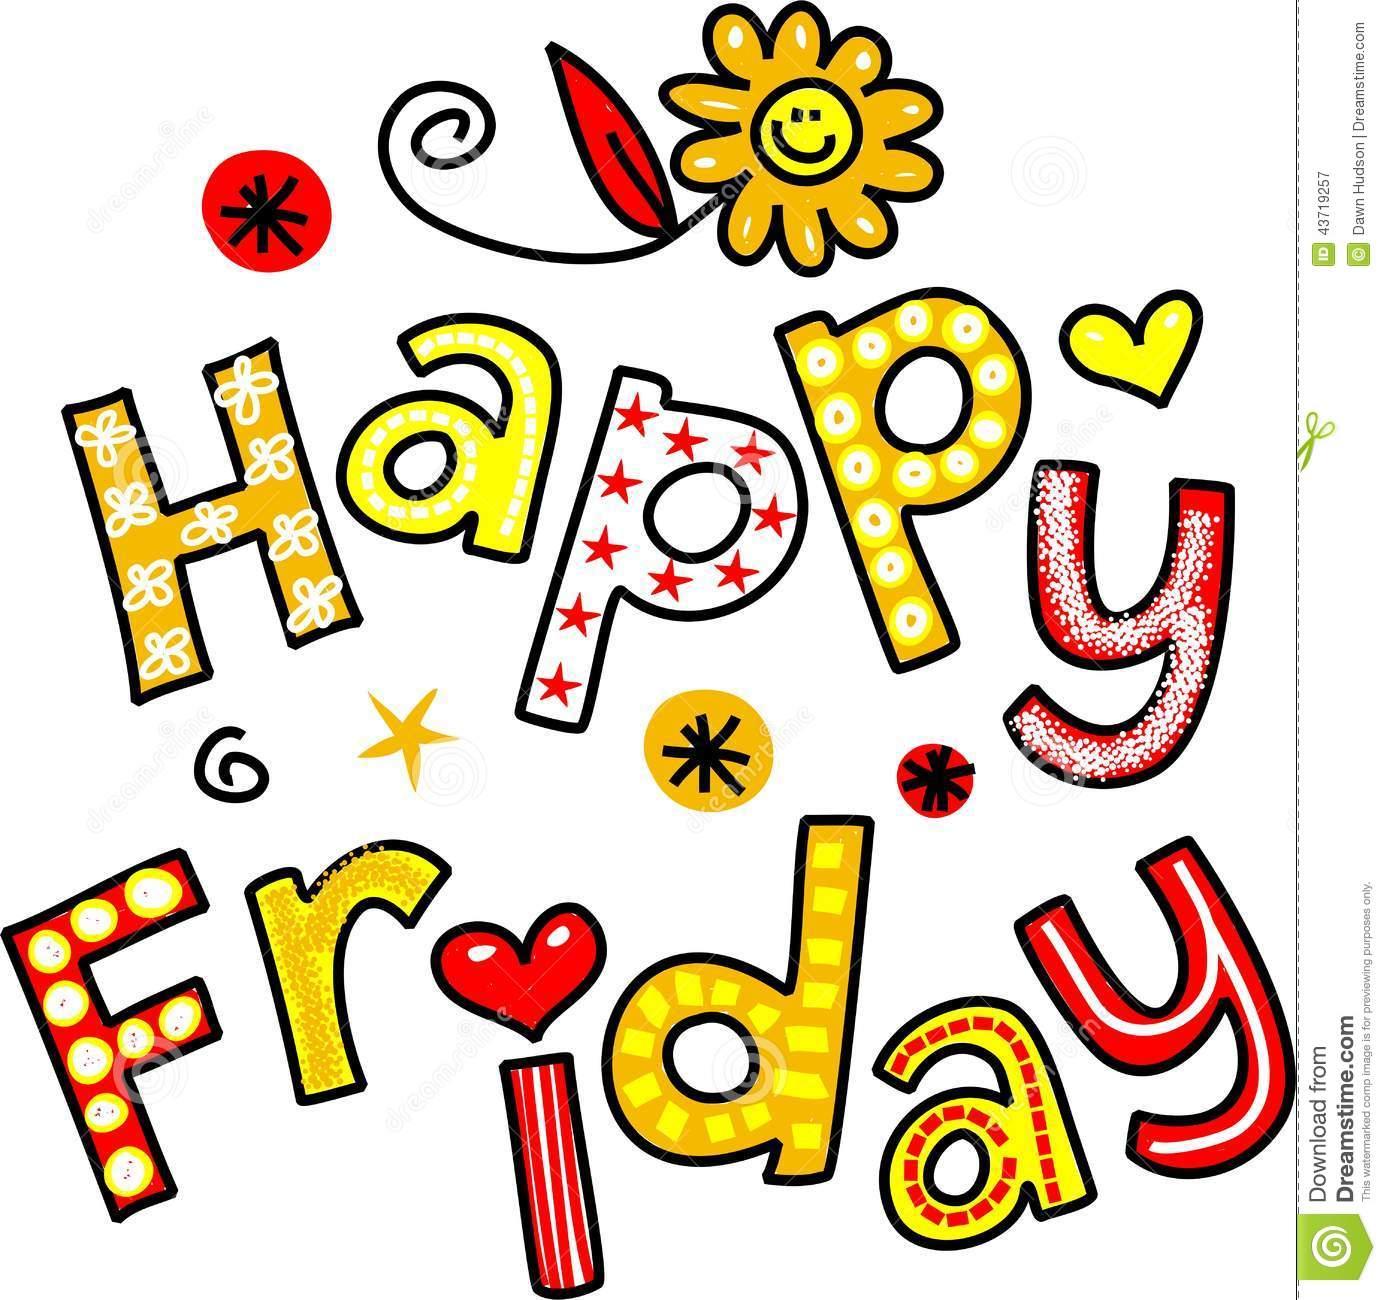 Happy Friday Cartoon Text Clipart Stock Illustration Image 43719257